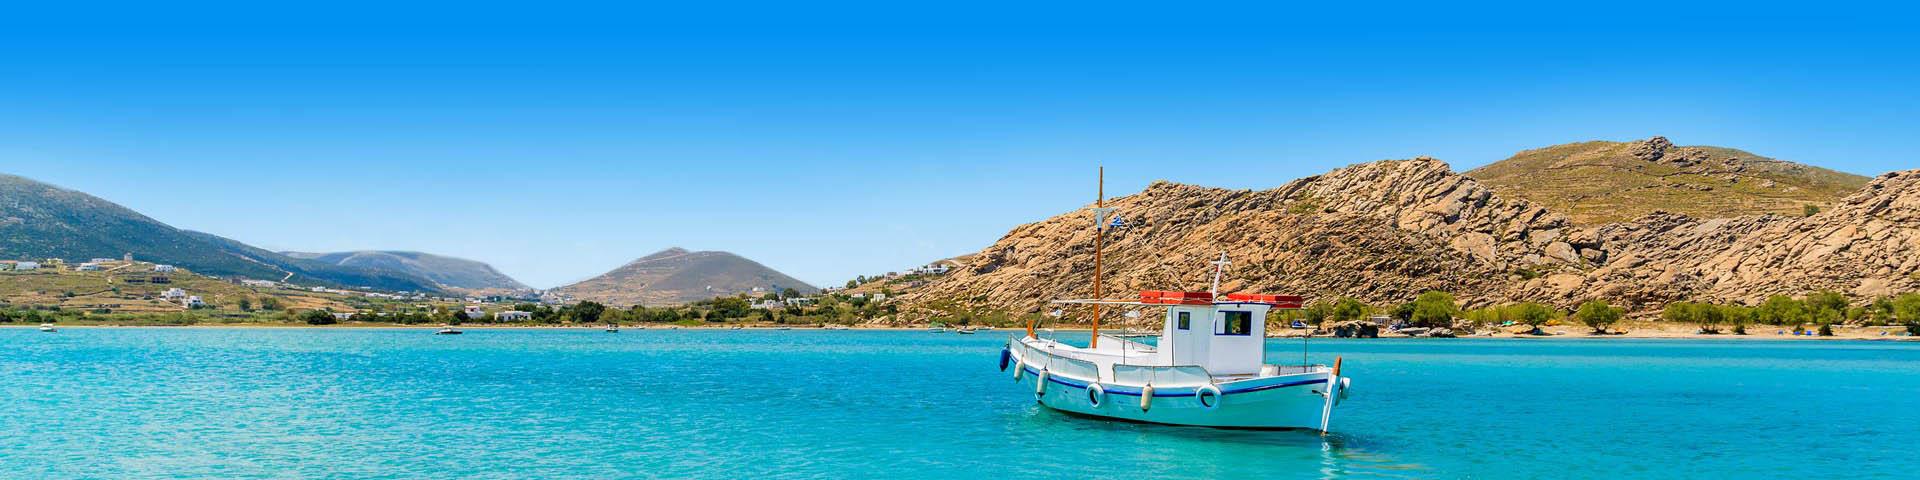 Prachtige Azuurblauwe zee met een bootje in Griekenland.